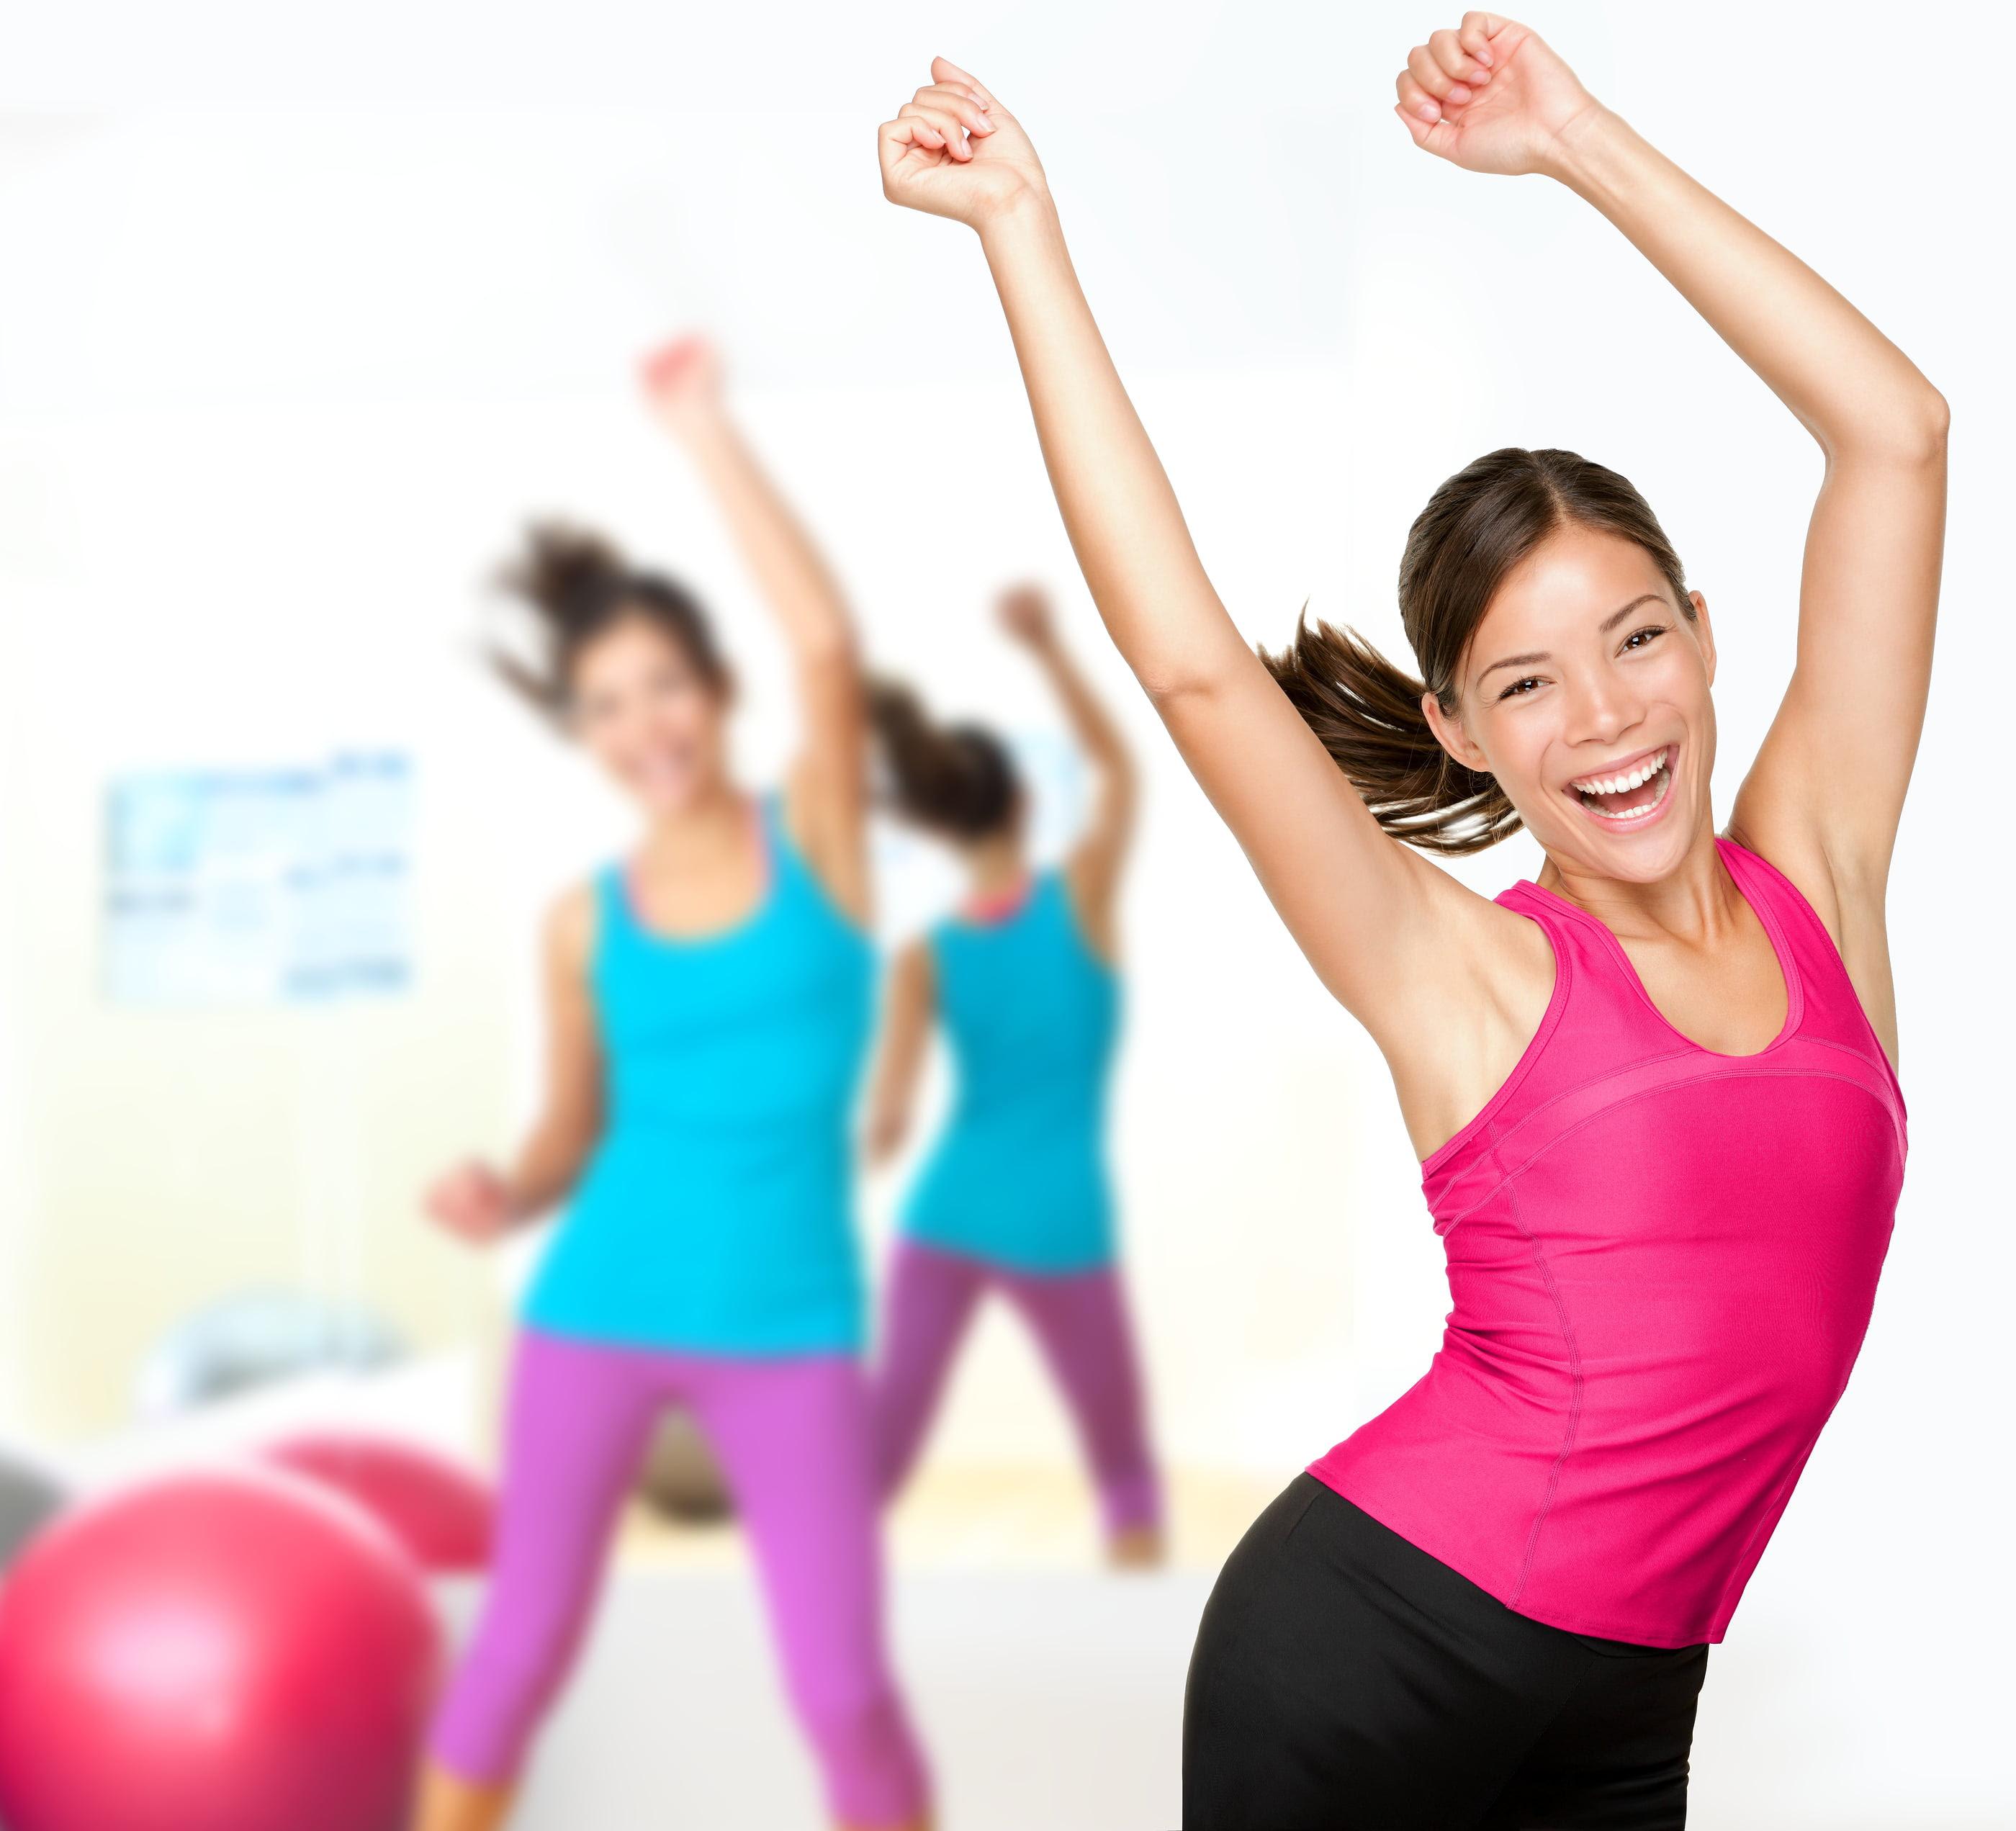 http://cardioworkoutsnow.com/wp-content/uploads/2013/09/bigstock-Fitness-Dance-Class-30451937.jpg